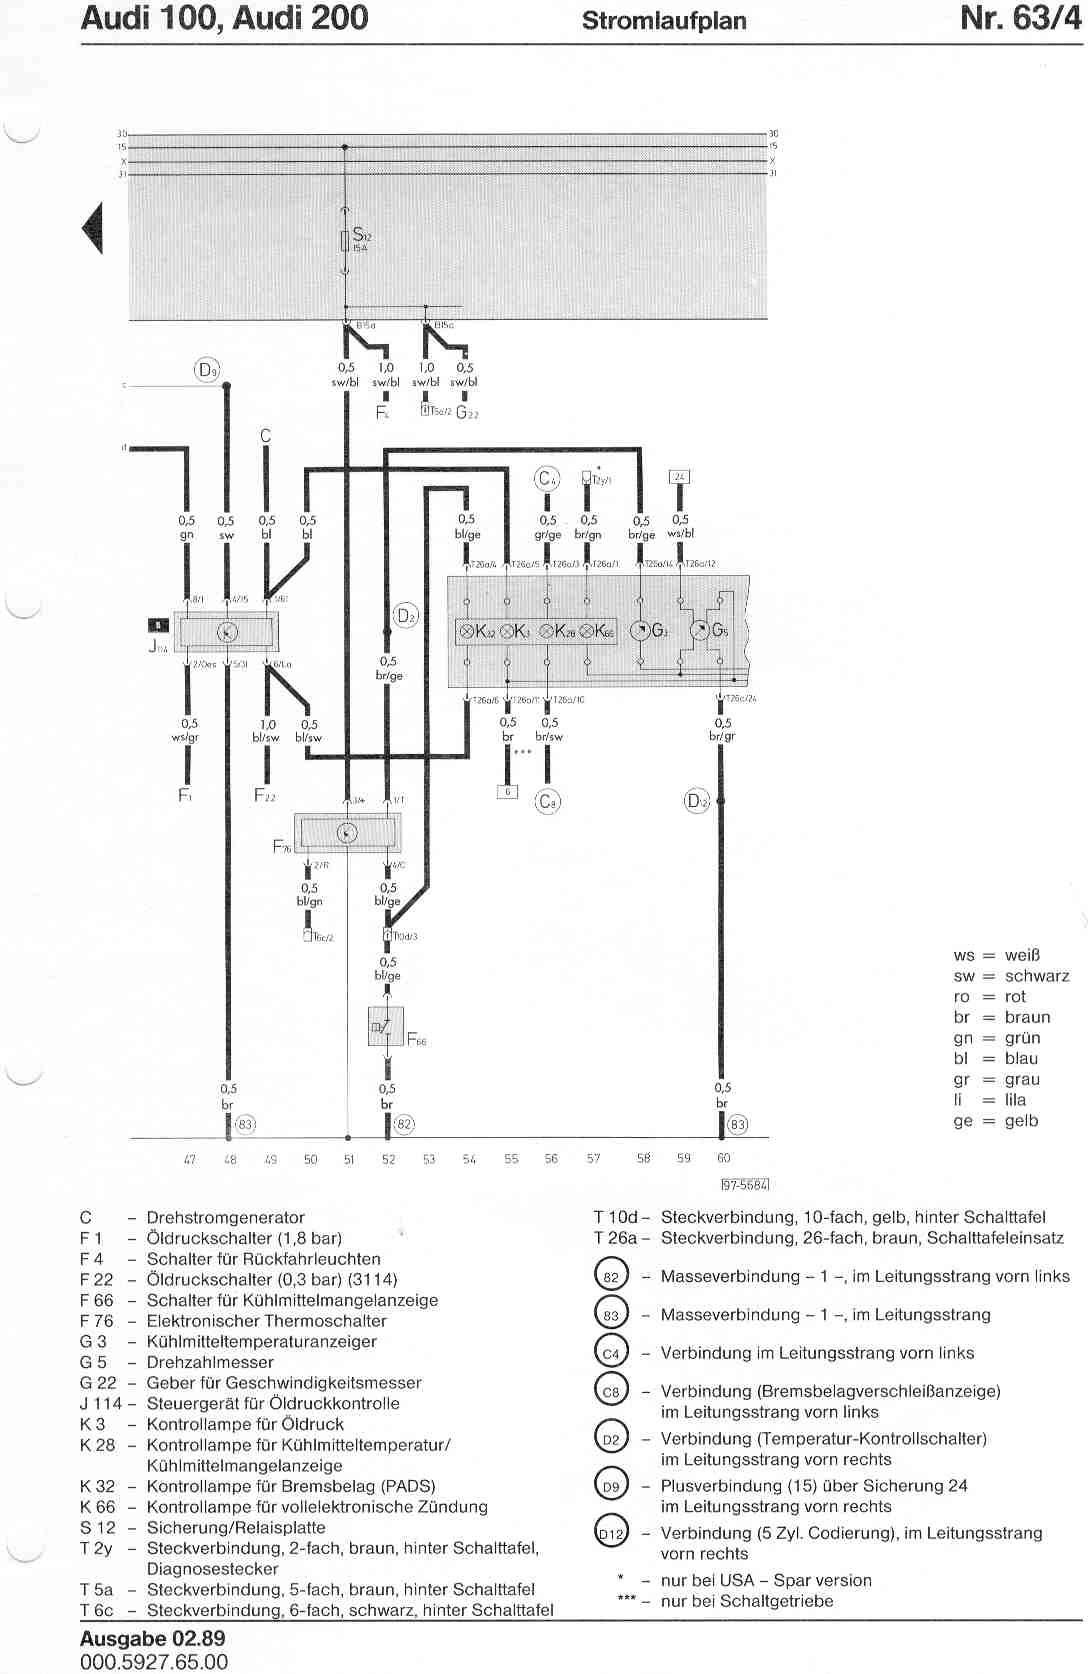 Schaltplan Audi 100 Typ 44